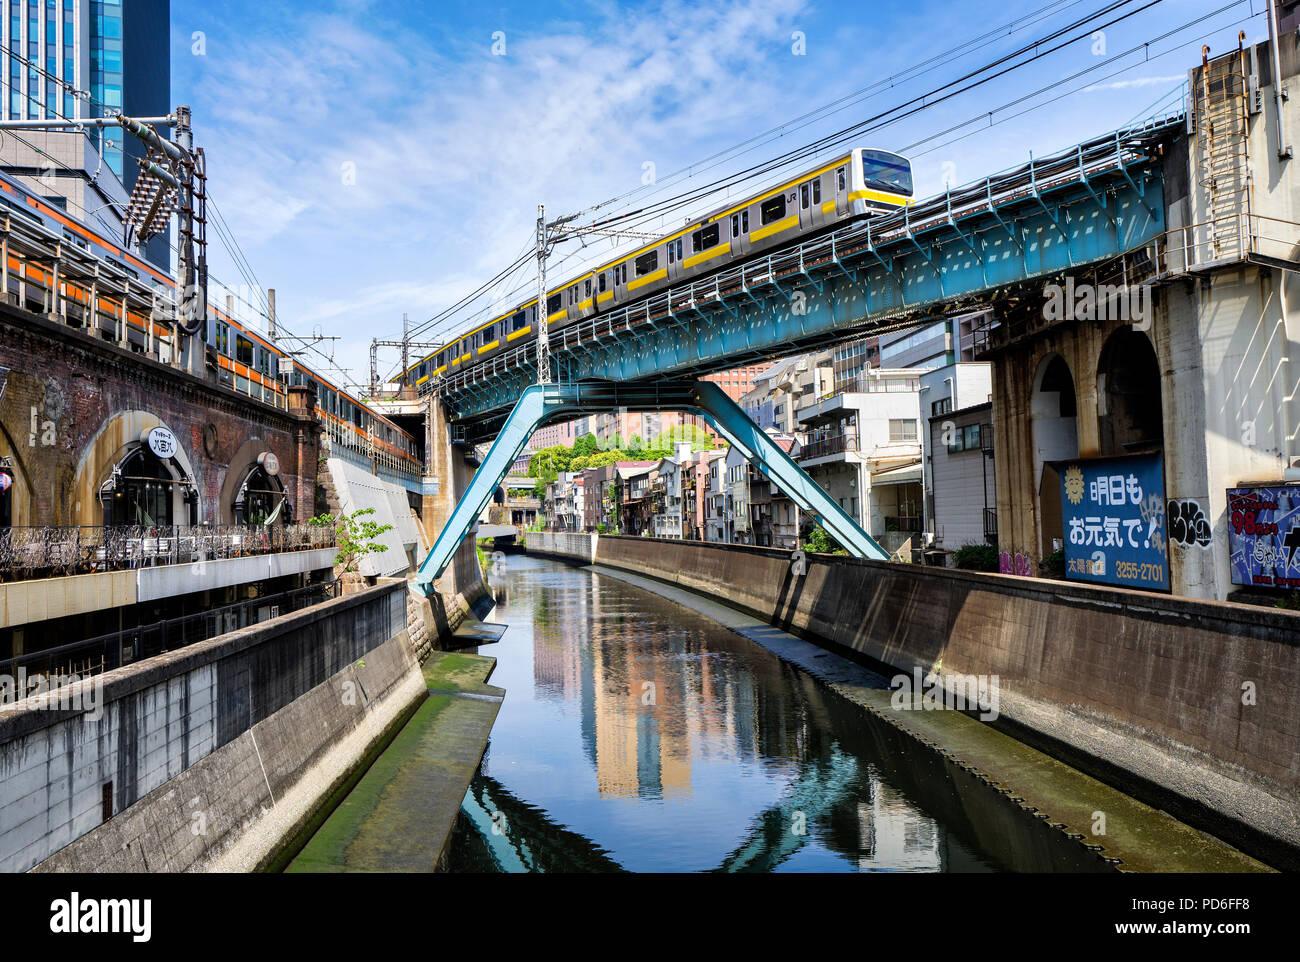 Giappone, isola di Honshu, Kanto, Tokyo, linee ferroviarie attraversando su un fiume. Immagini Stock